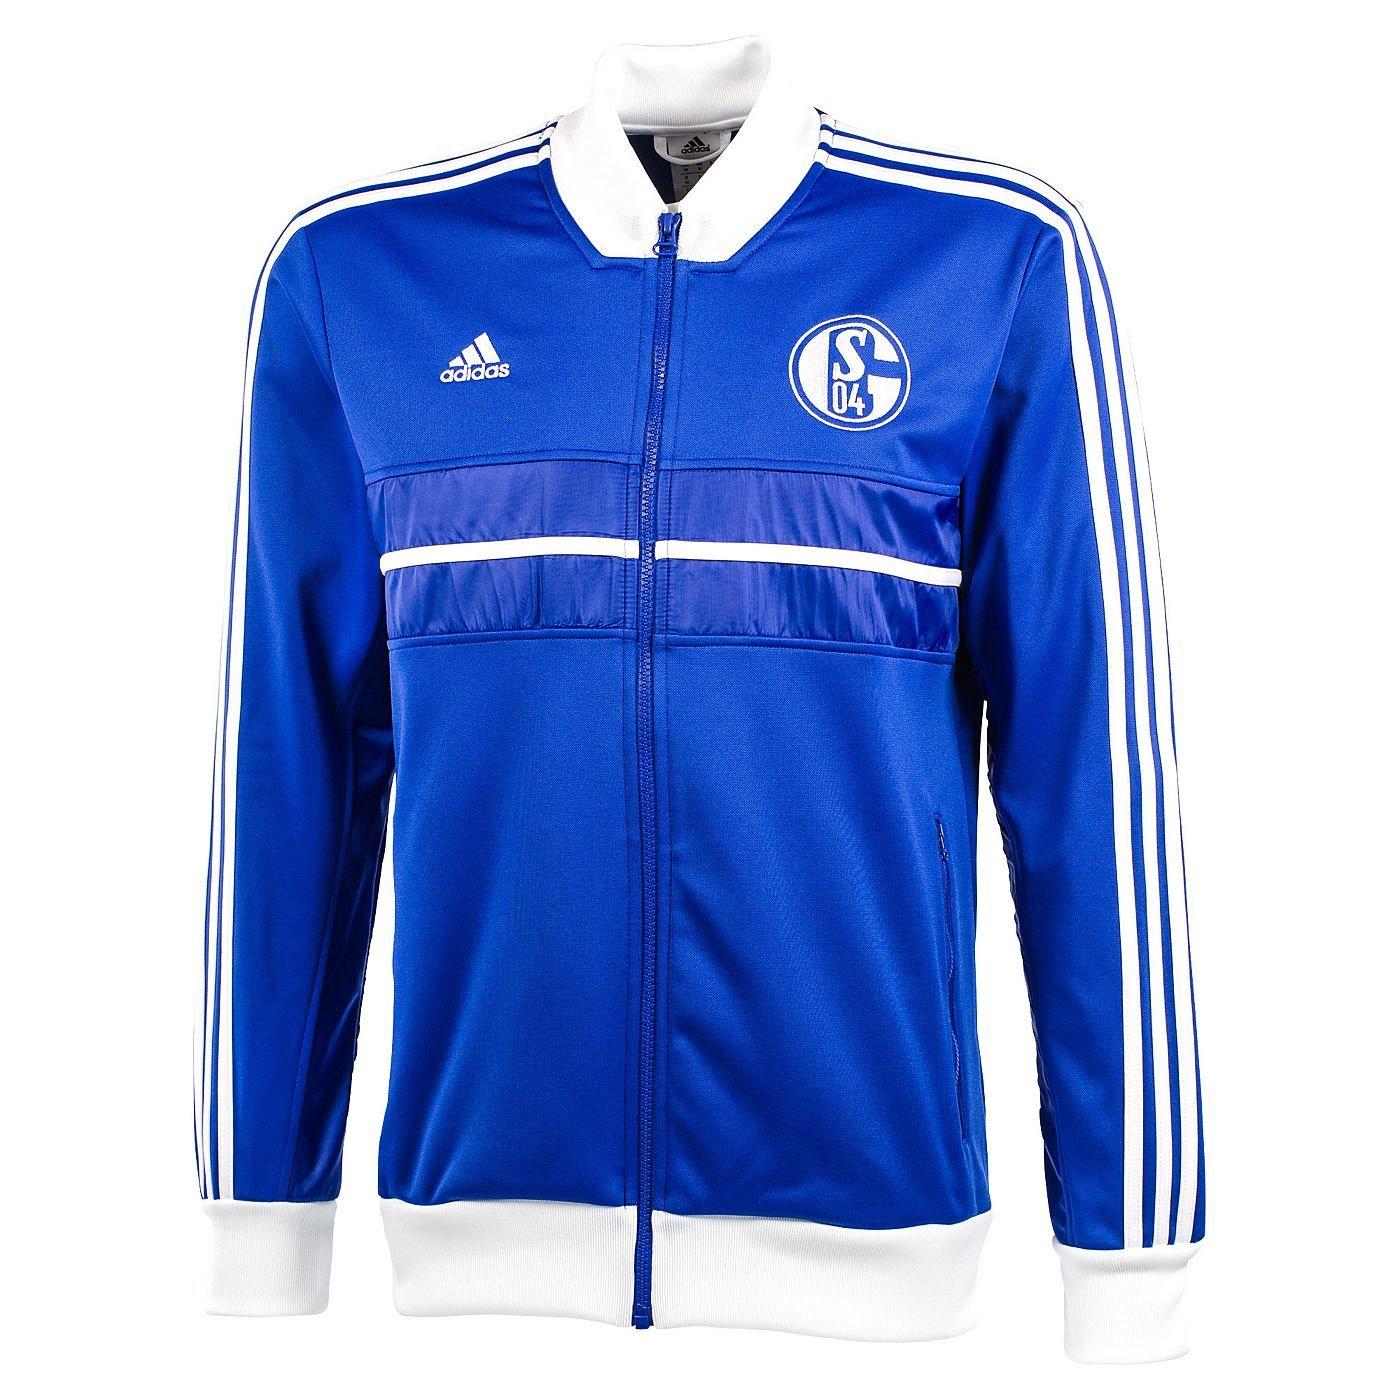 Adidas Fc Schalke 04 Winterjacke Stadion Spielerbekleidung